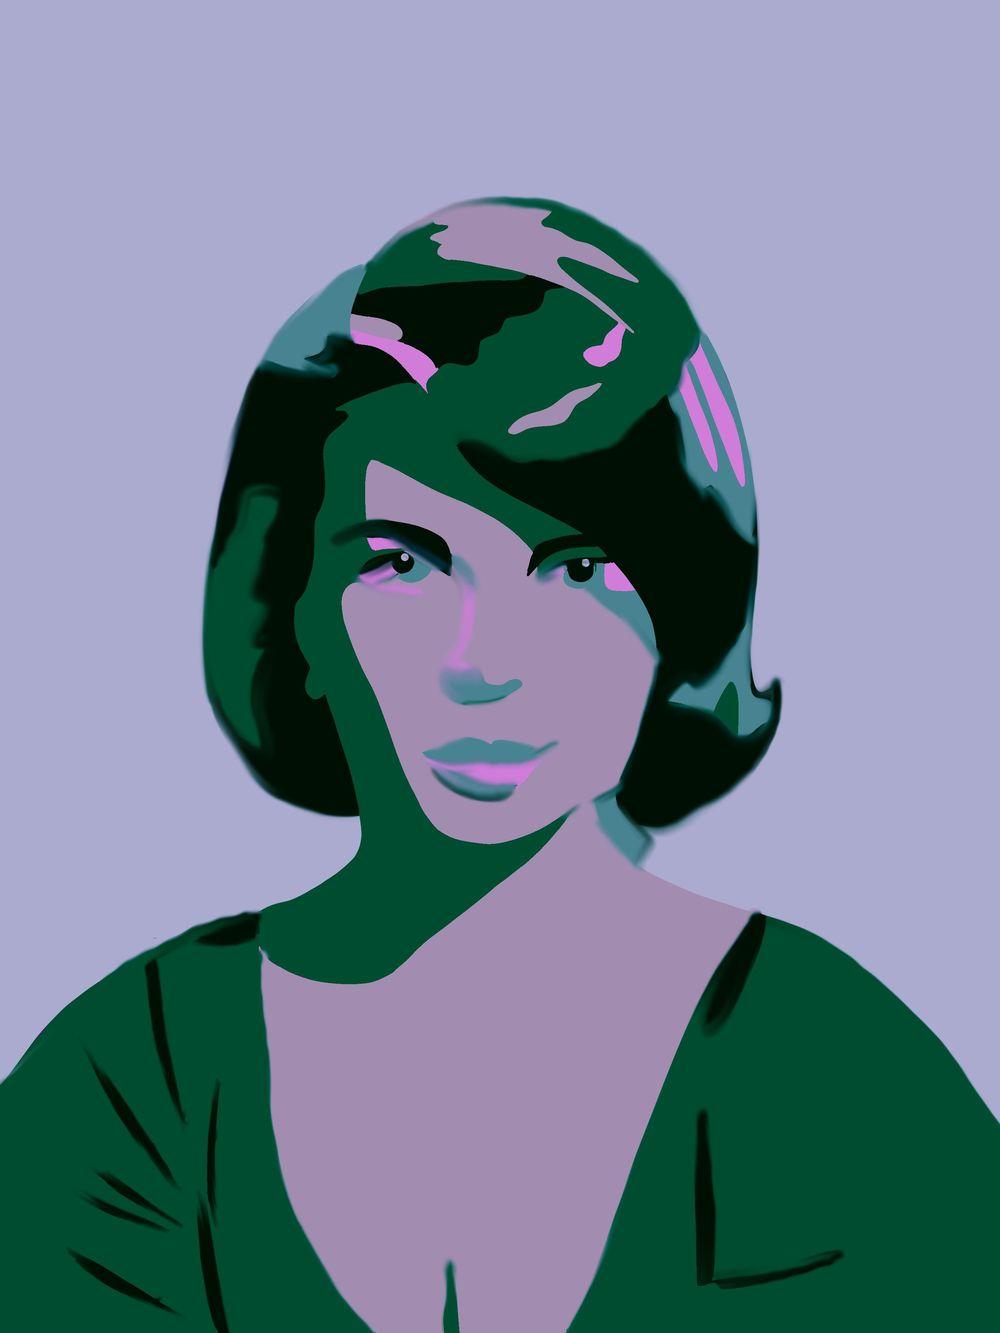 Vintage Portrait x2 - image 3 - student project